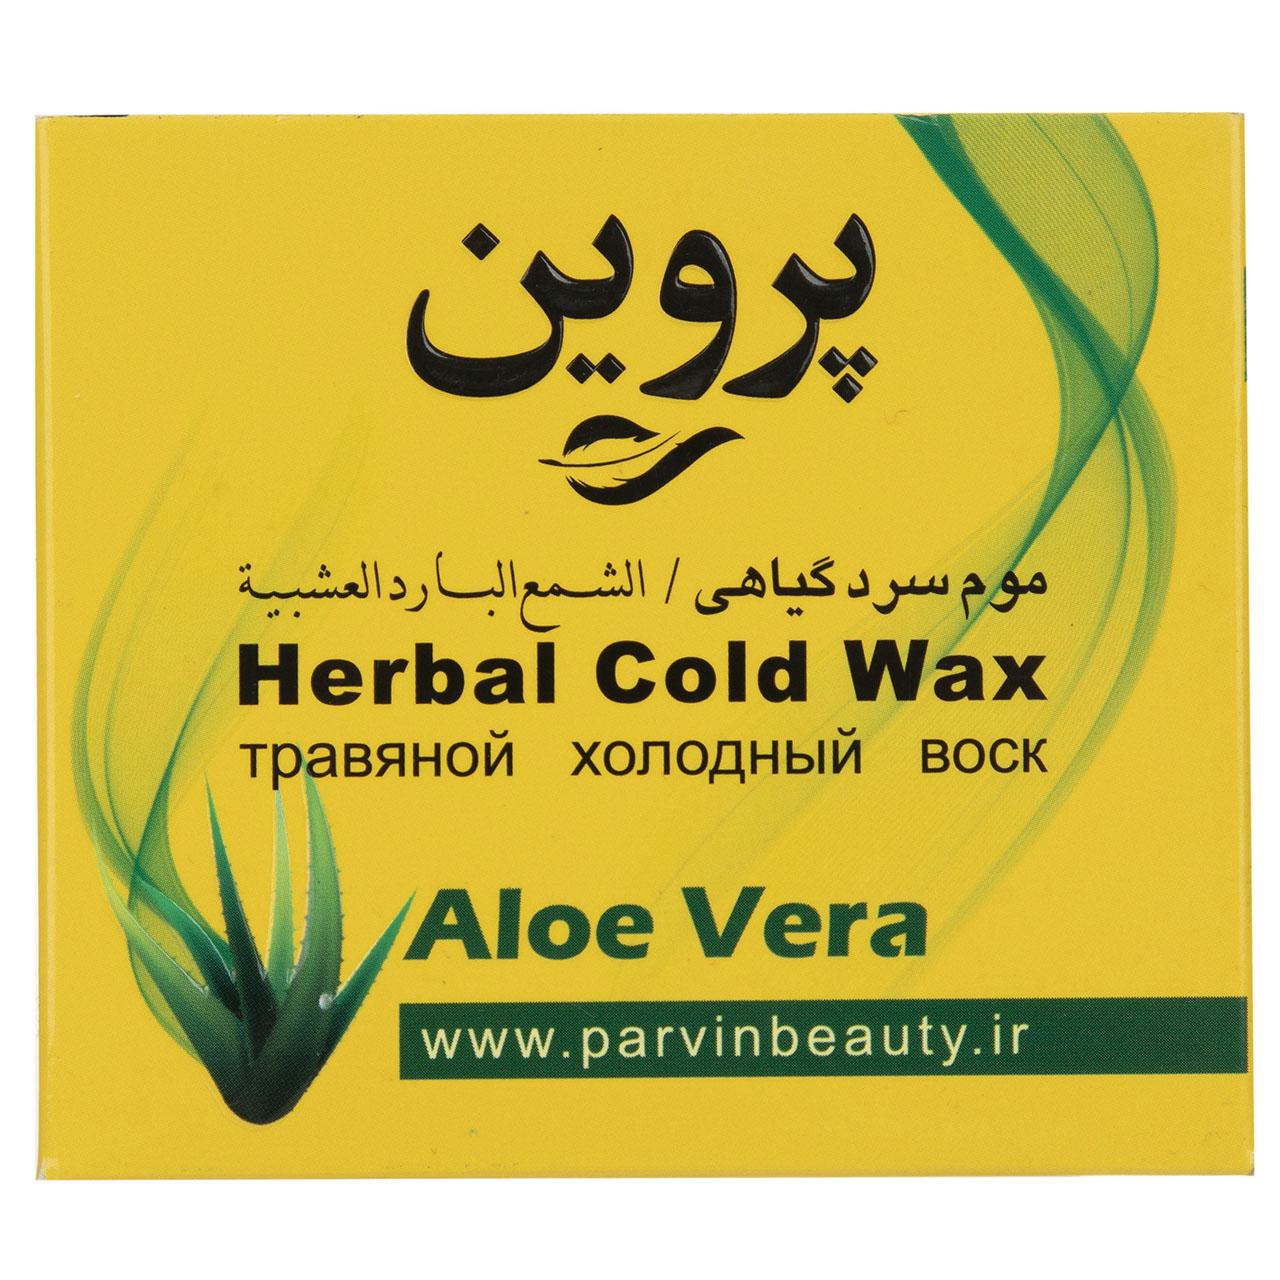 قیمت موم سرد پروین مدل Aloe Vera حجم 300 گرم